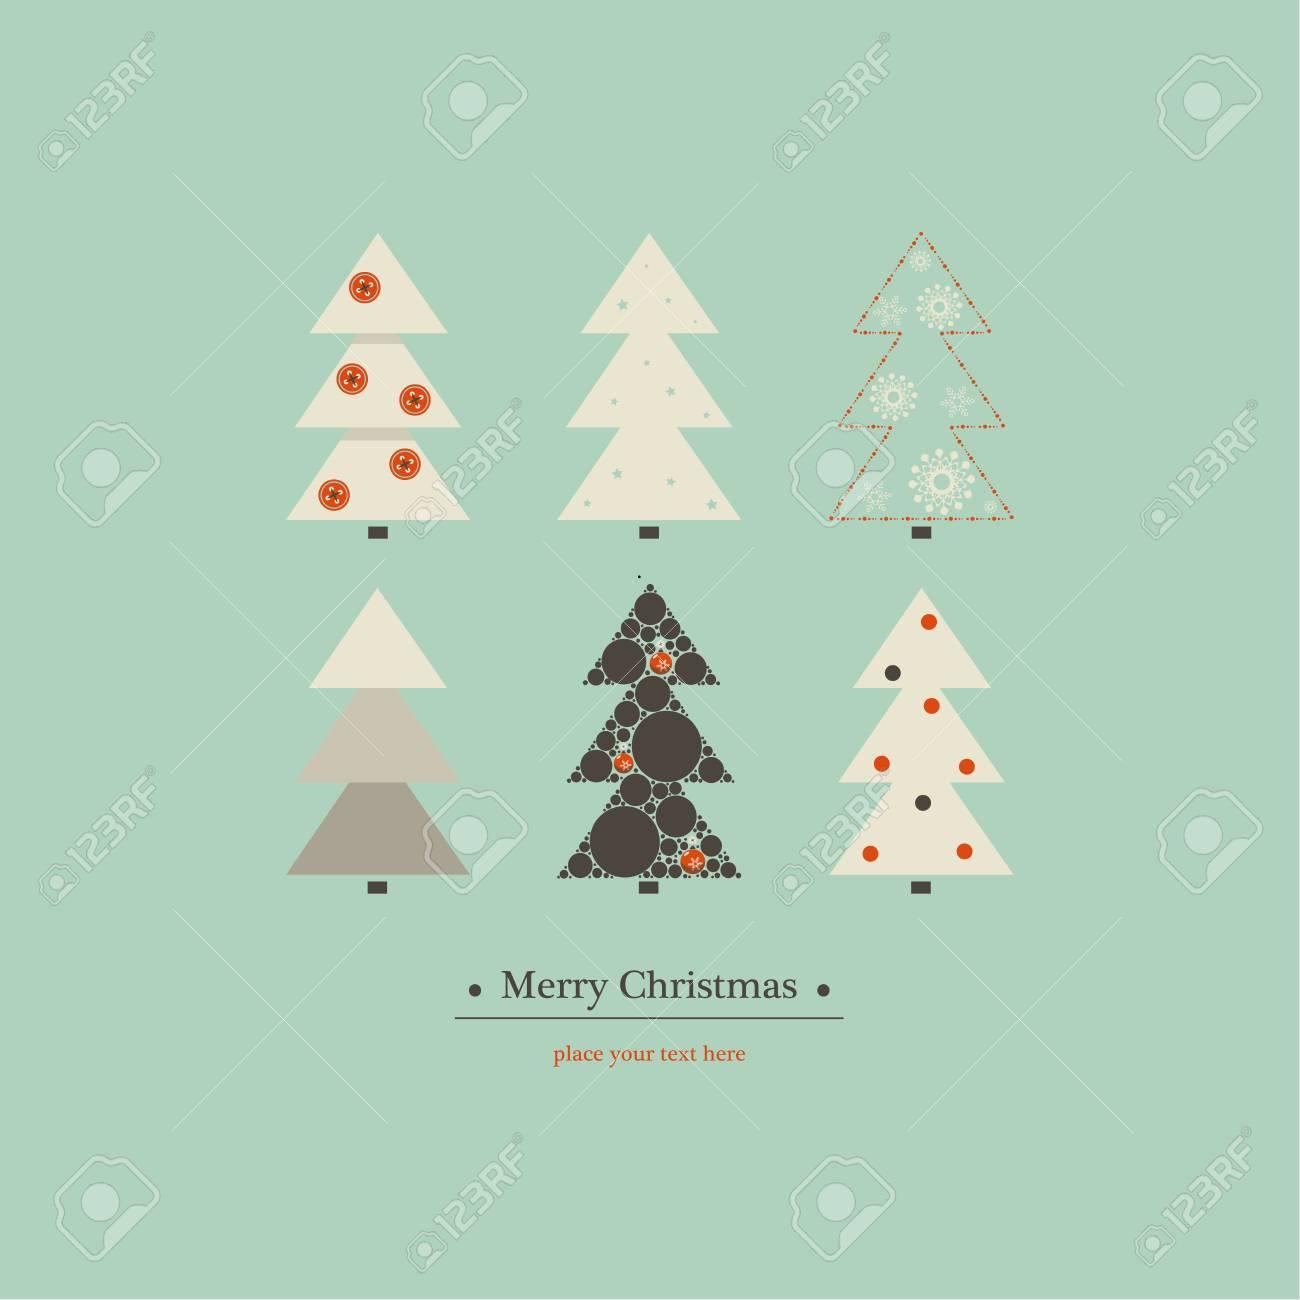 Design De Capa Para Feliz Natal Apresenta Seis árvores De Natal De Design Diferente Em Um Fundo Azul E A Frase Feliz Natal Embaixo